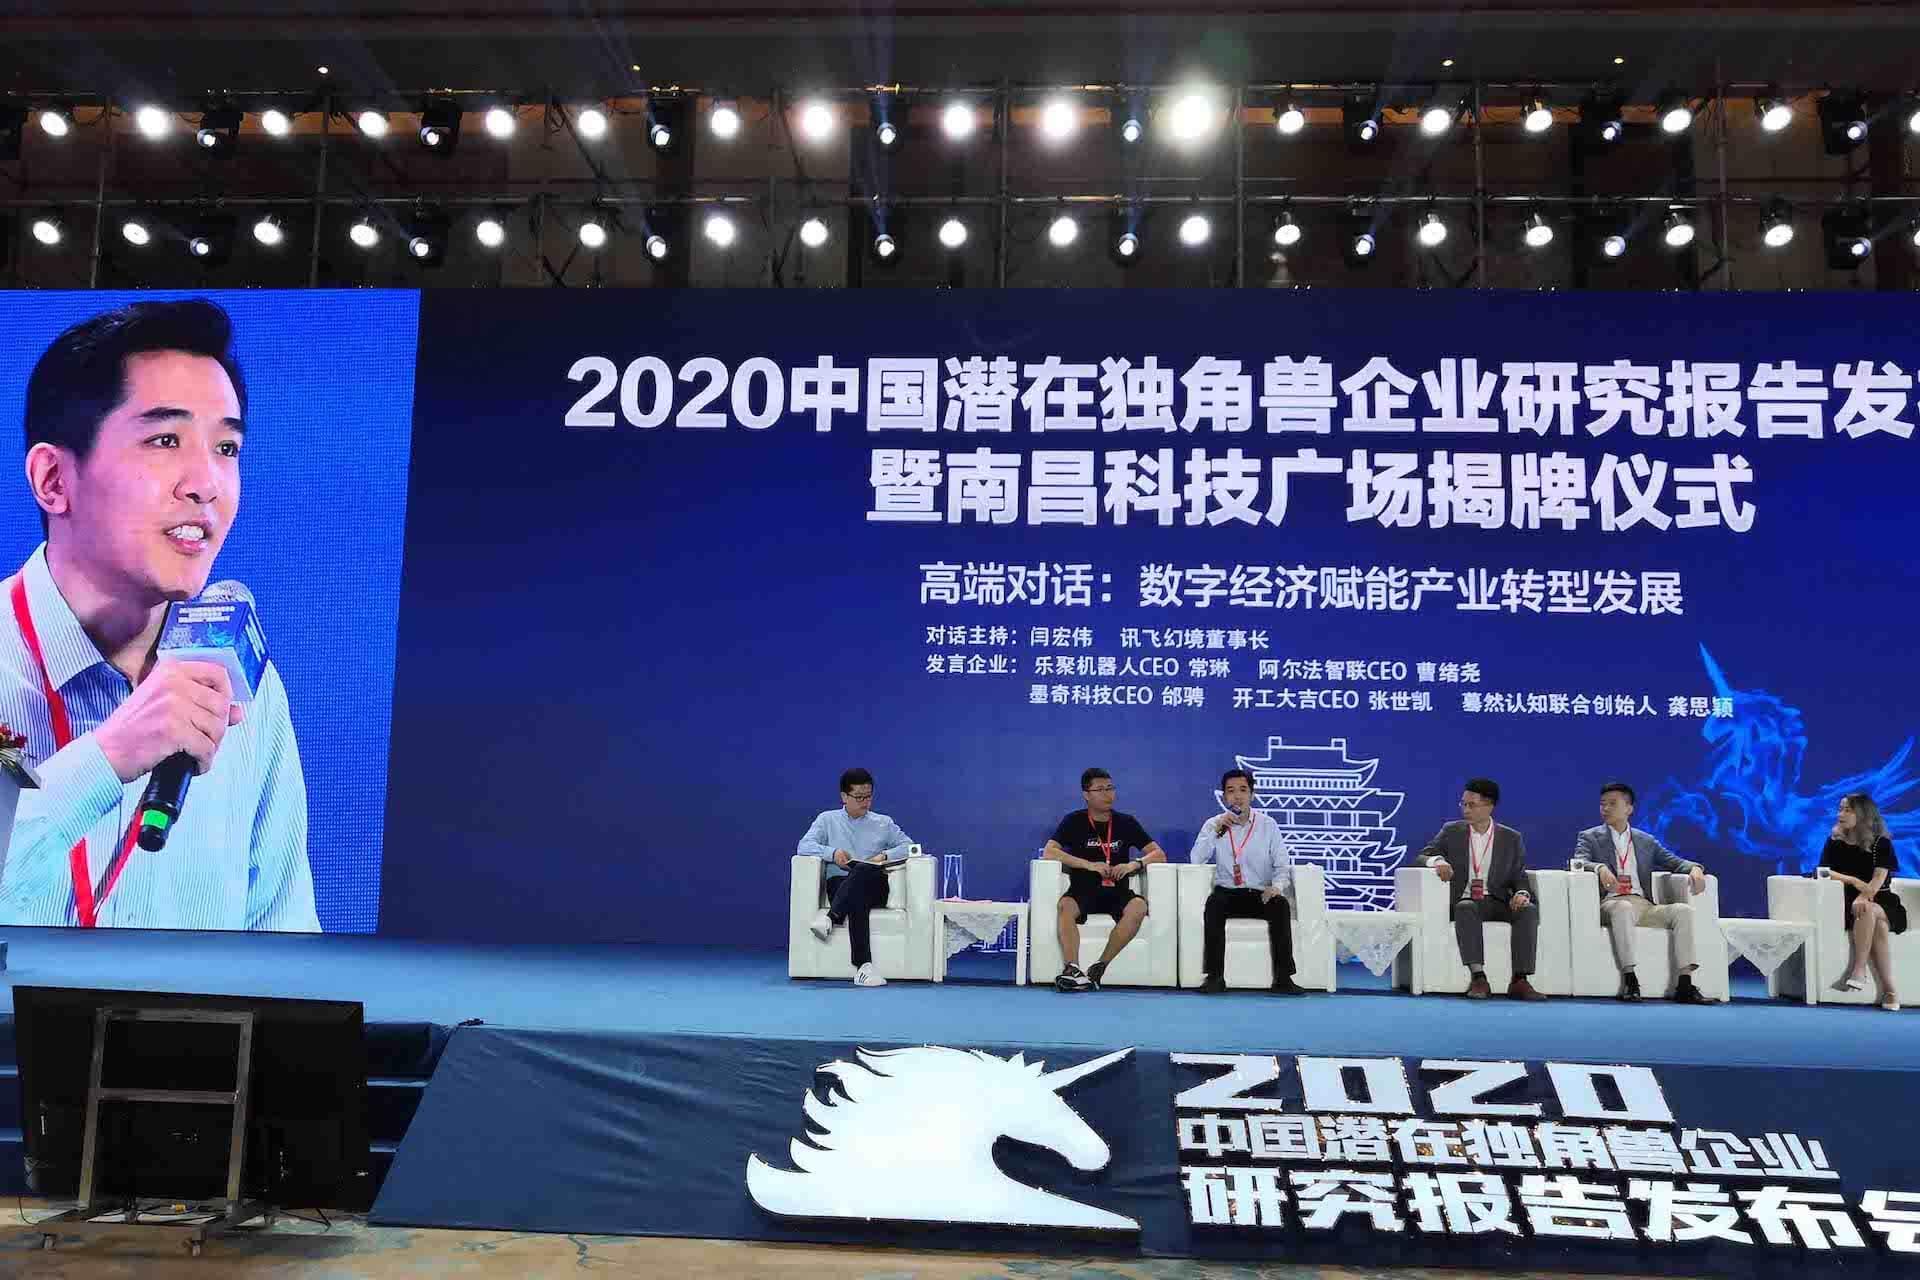 墨奇科技登上2020中国潜在独角兽企业榜单